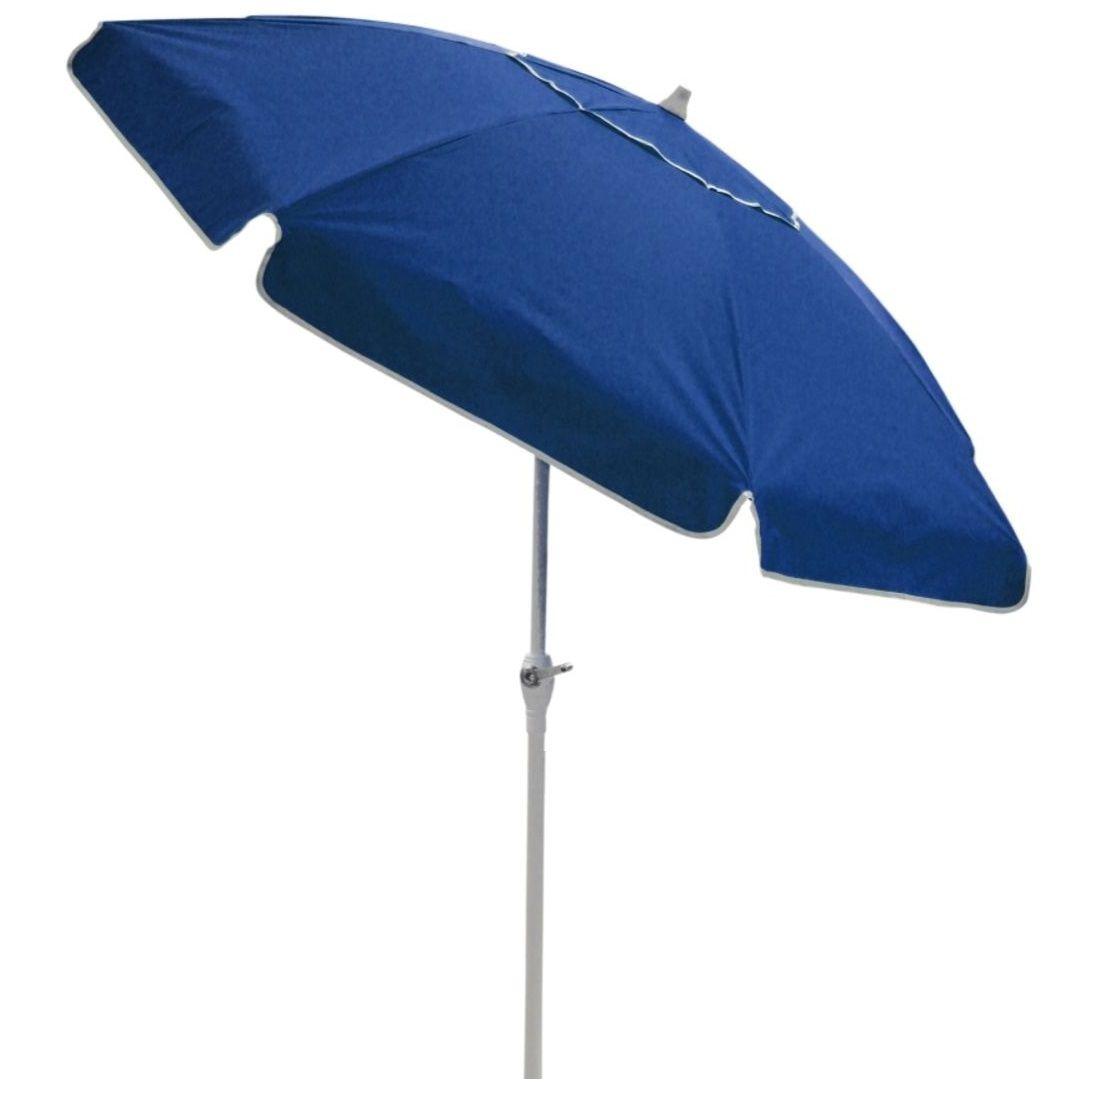 Ombrelone Articulado Bagum 2,50 m Azul - Belfix